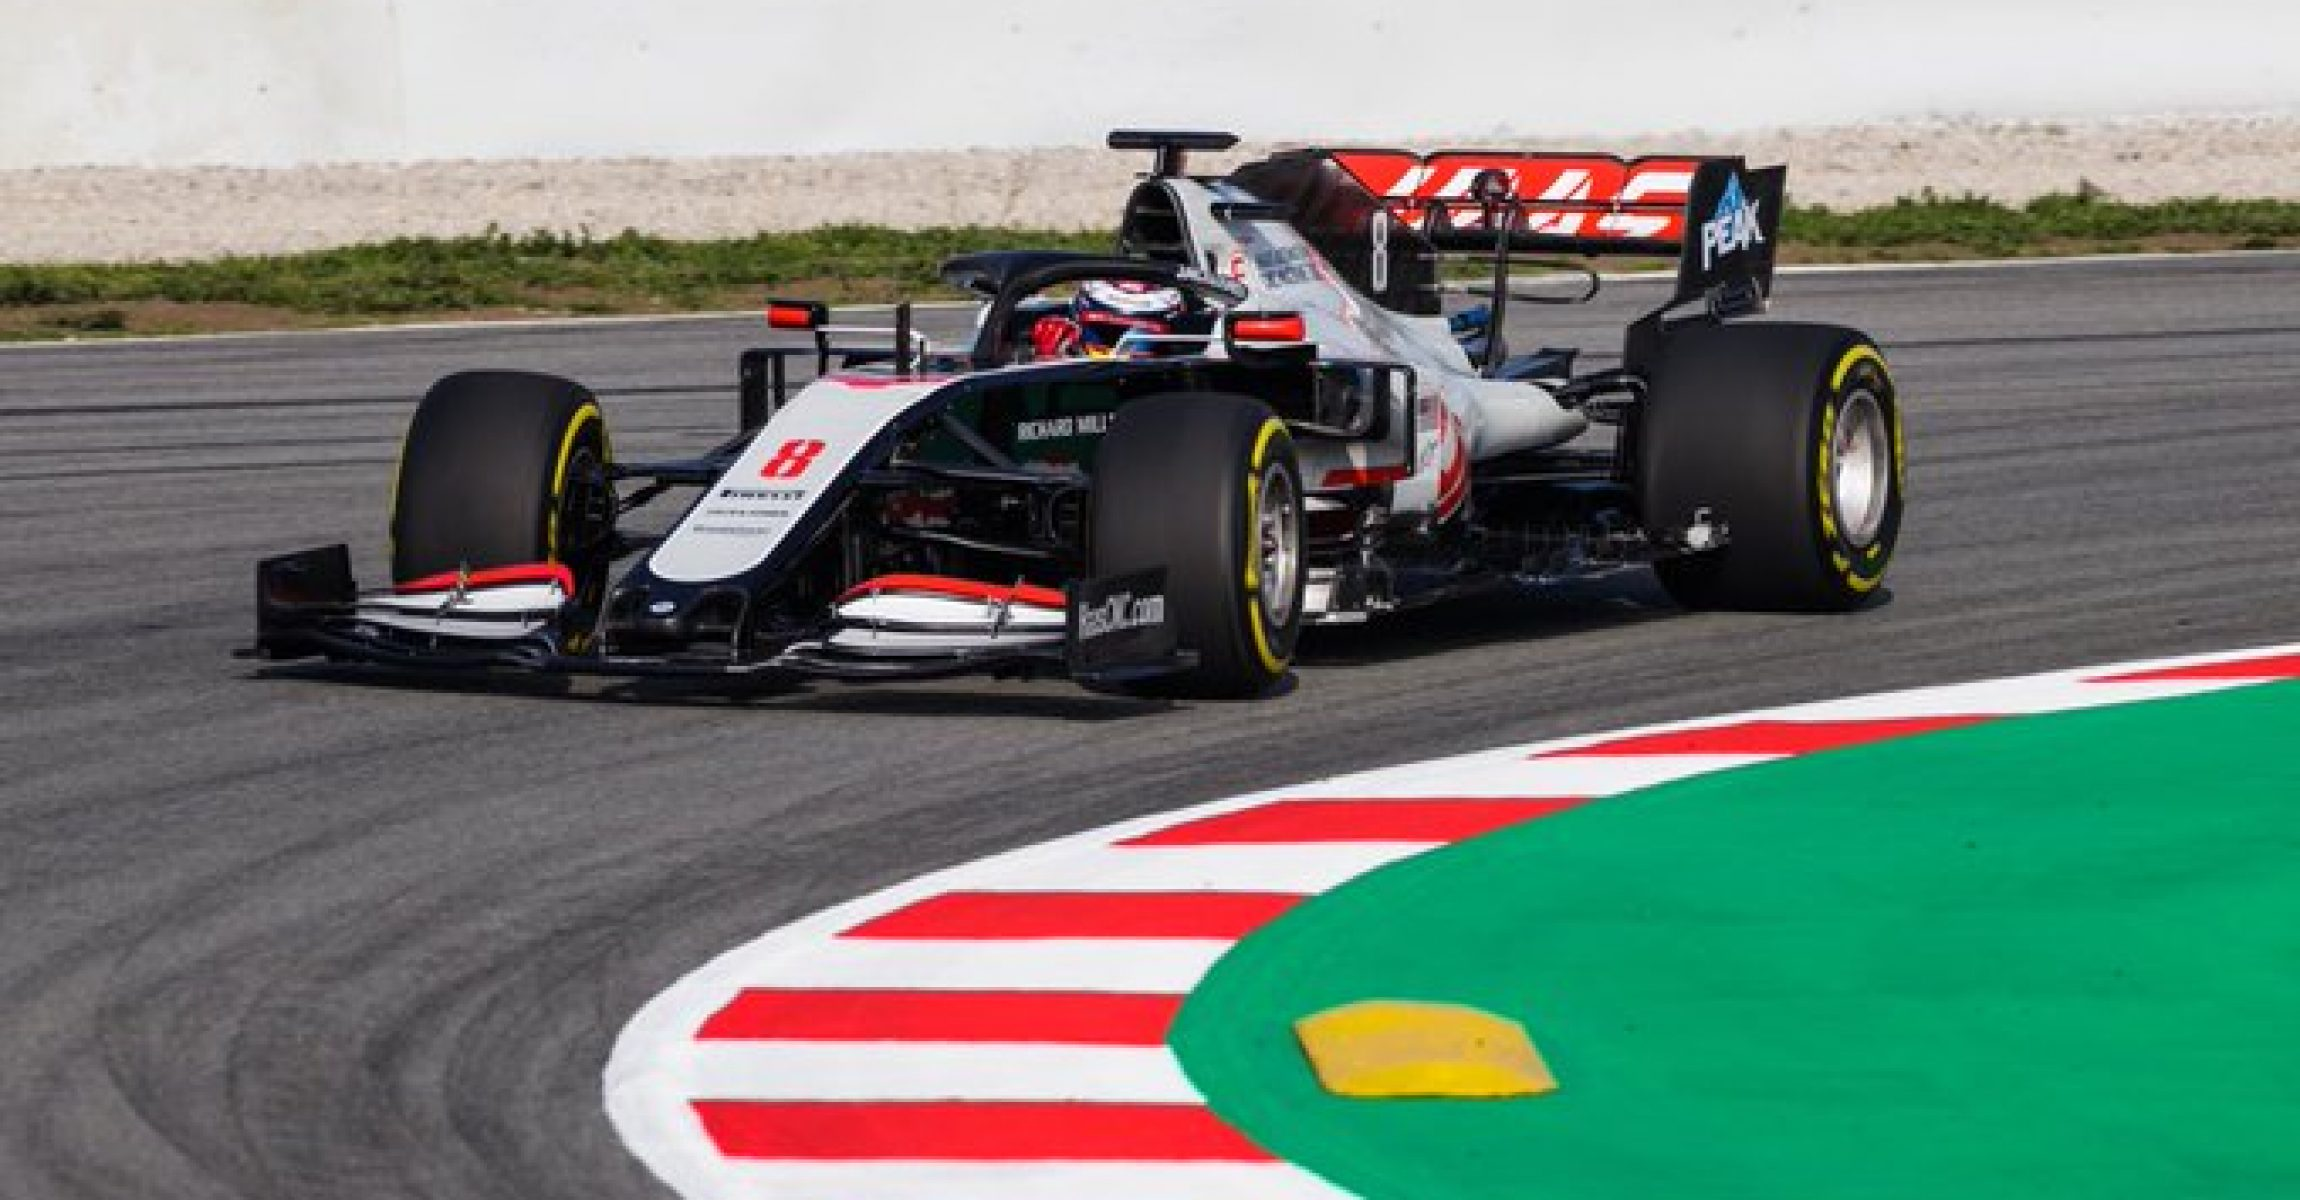 Haas Romain Grosjean Barcelona shakedown